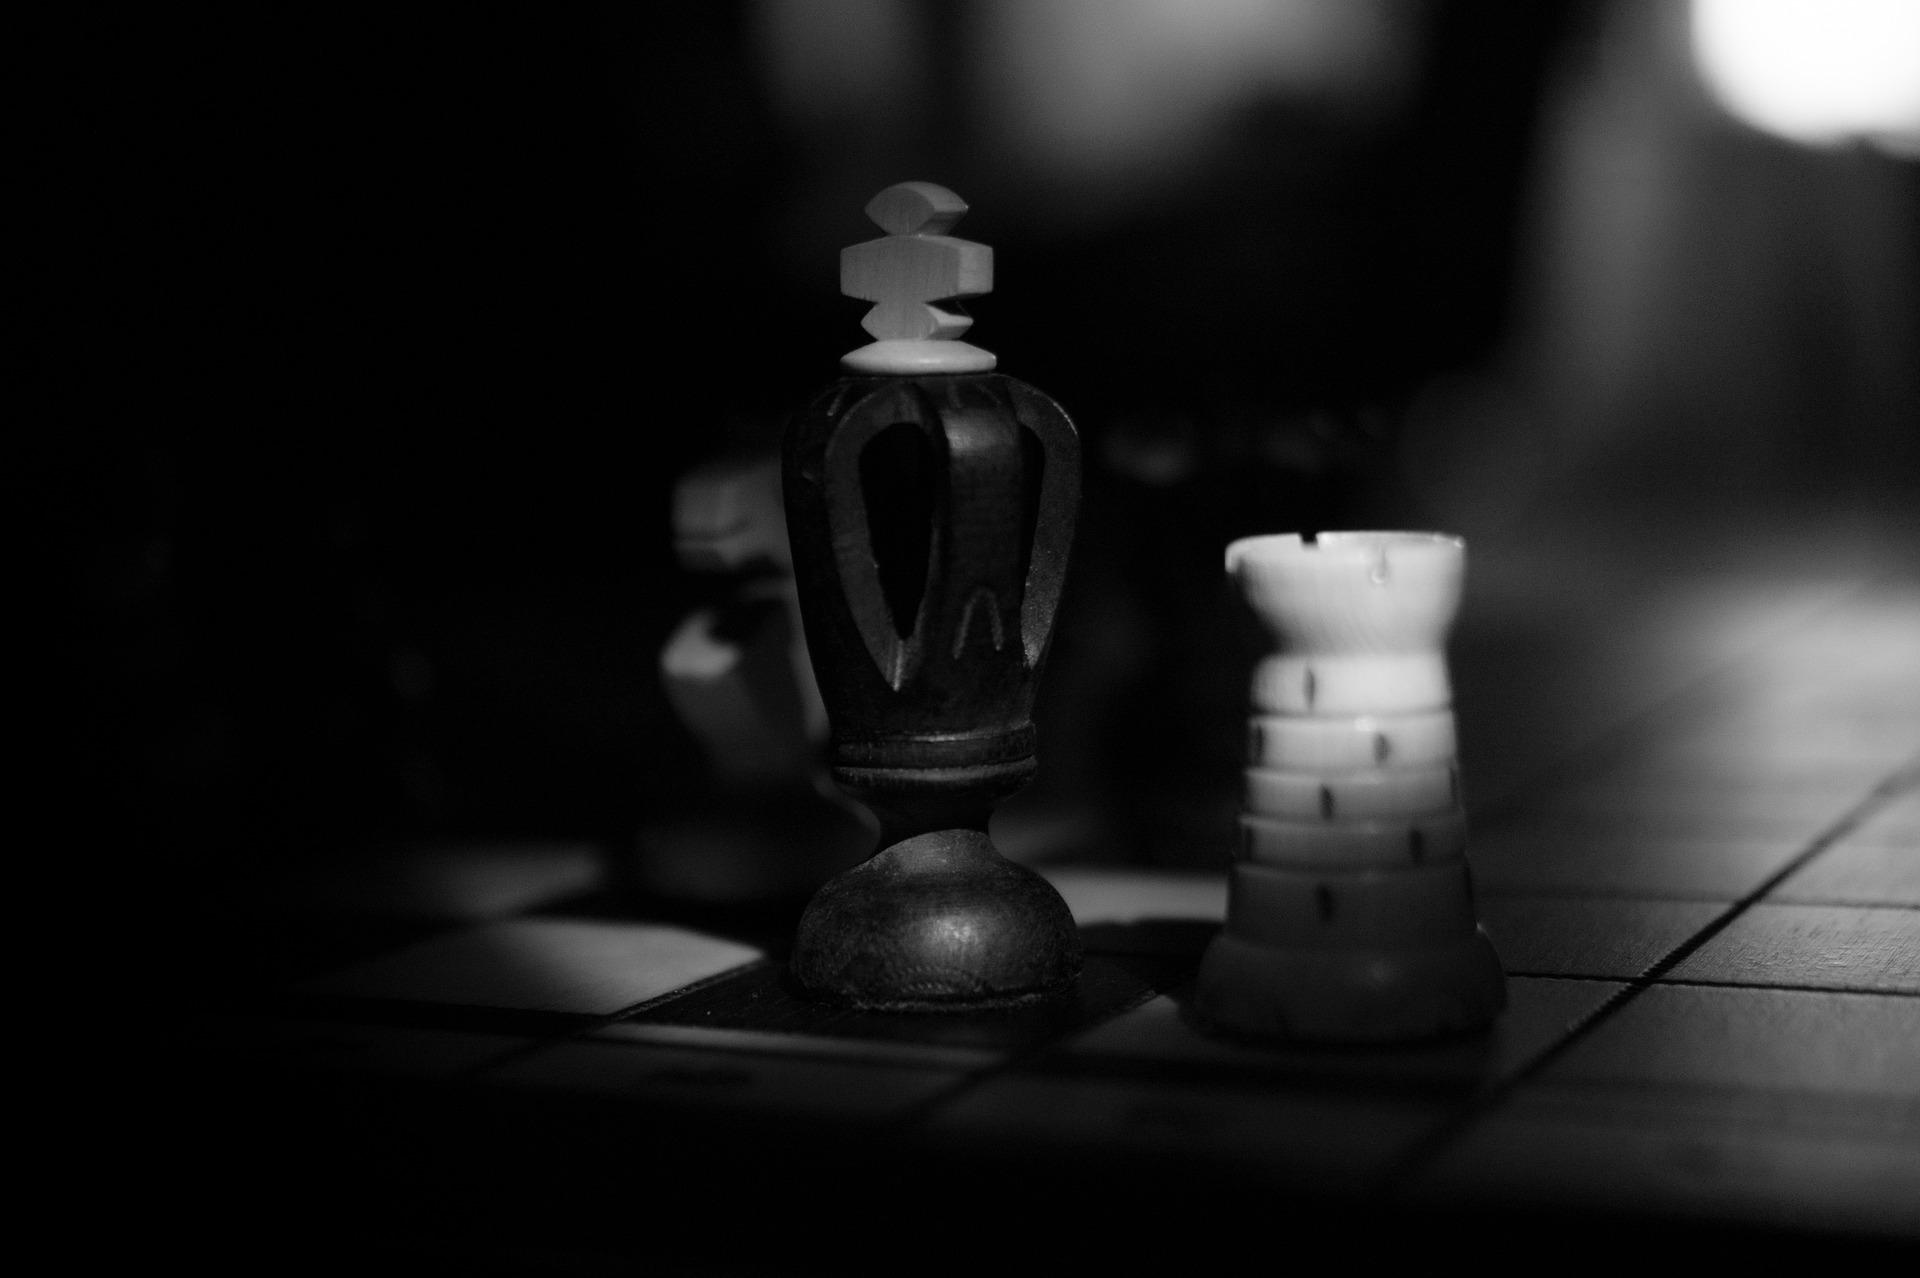 chess-655317_1920.jpg